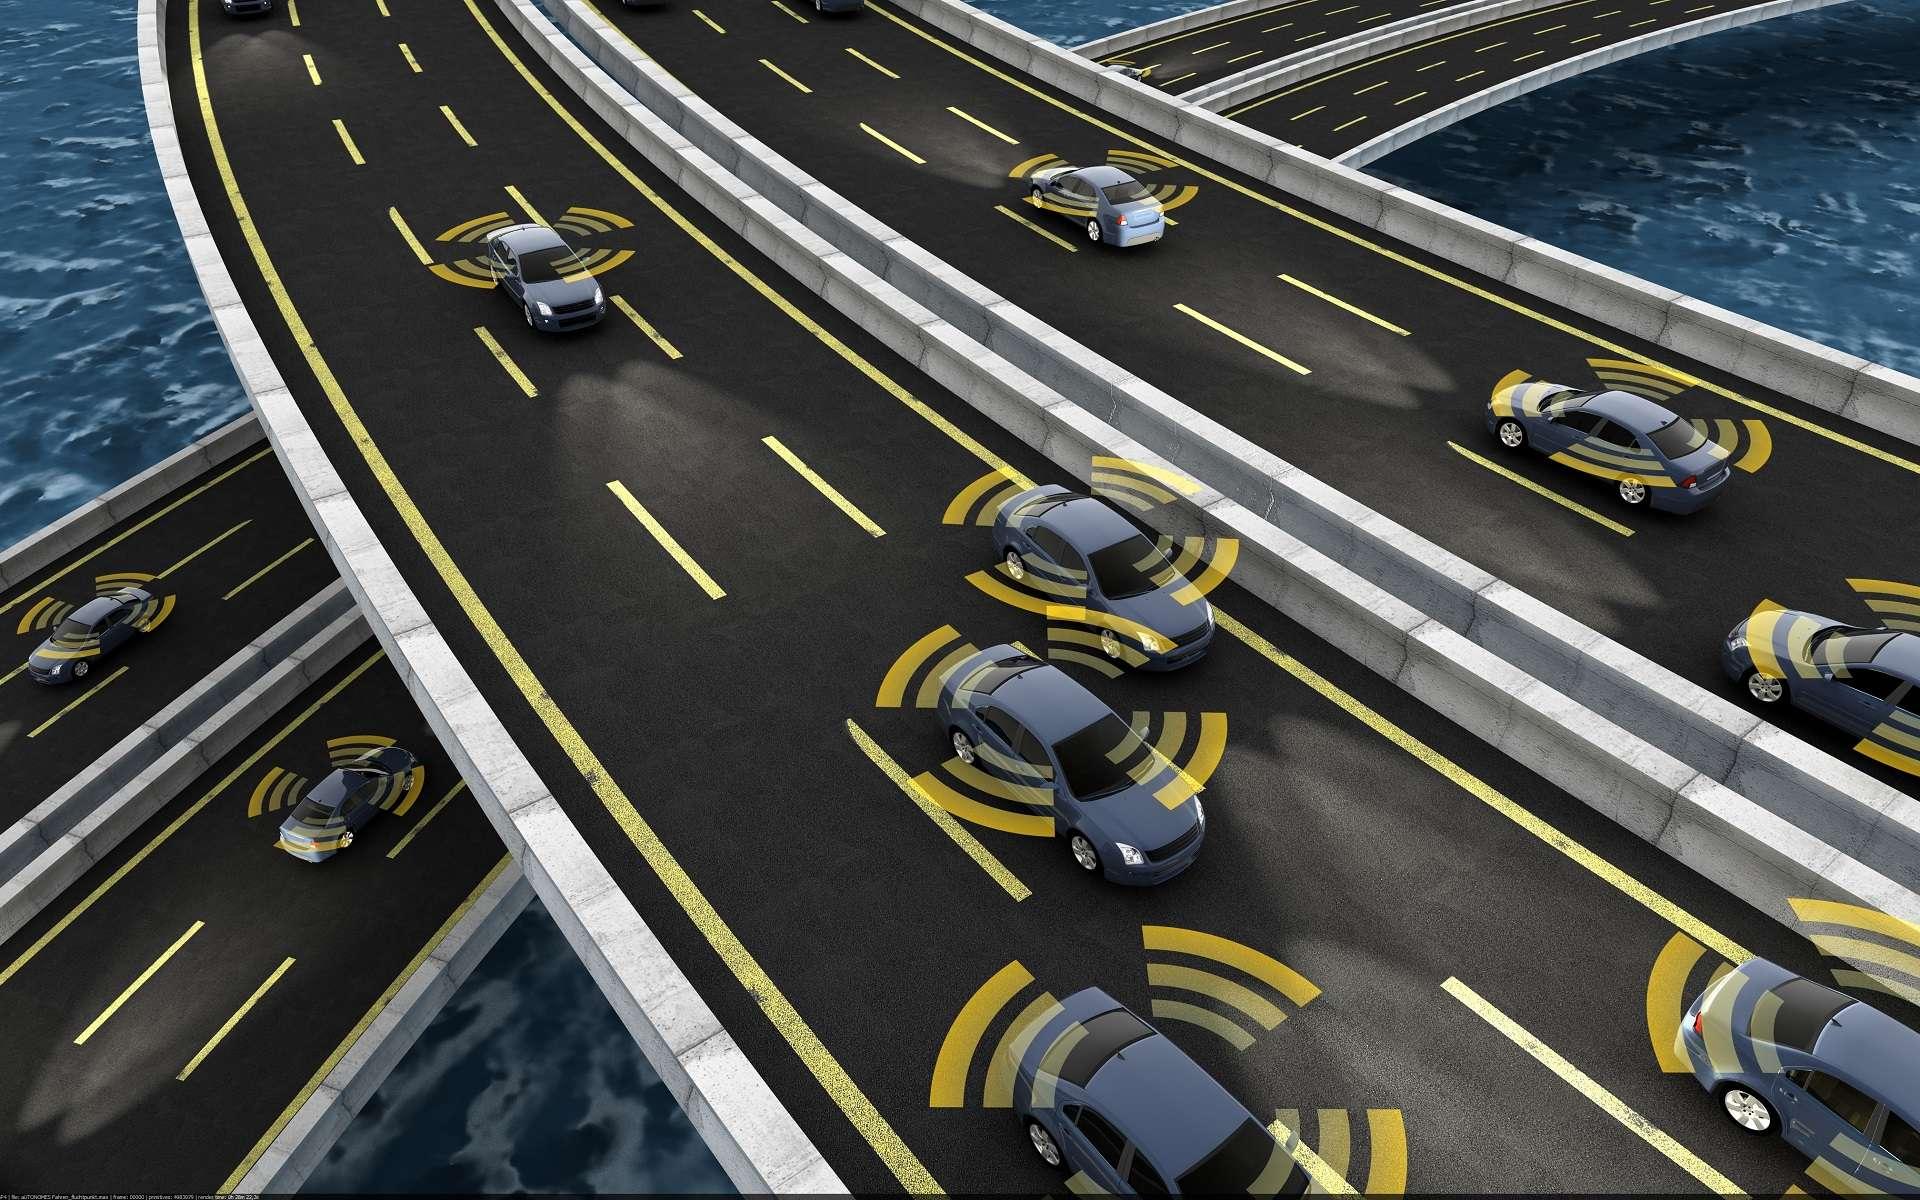 L'ingénieur développement ADAS est à l'origine de tous les systèmes d'assistance à la conduite. Aide au freinage, assistance au parking, détection d'obstacles, l'ingénieur ADAS est à l'origine de la voiture autonome. © folienfeuer, Adobe Stock.